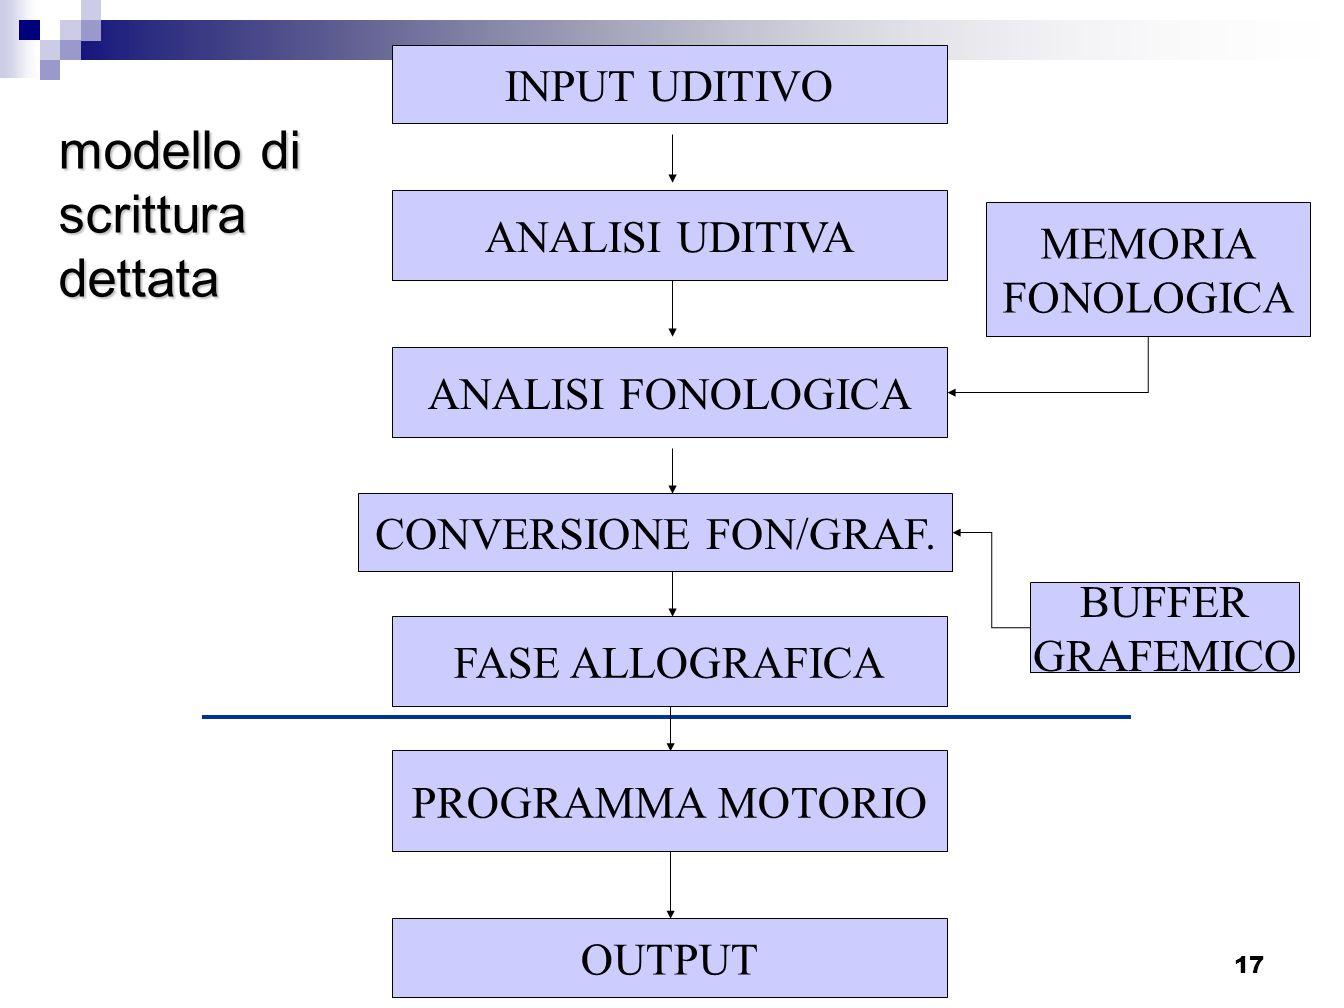 Progetto Screening I elementare - Sassuolo_17 INPUT UDITIVO ANALISI UDITIVA ANALISI FONOLOGICA MEMORIA FONOLOGICA FASE ALLOGRAFICA BUFFER GRAFEMICO PR